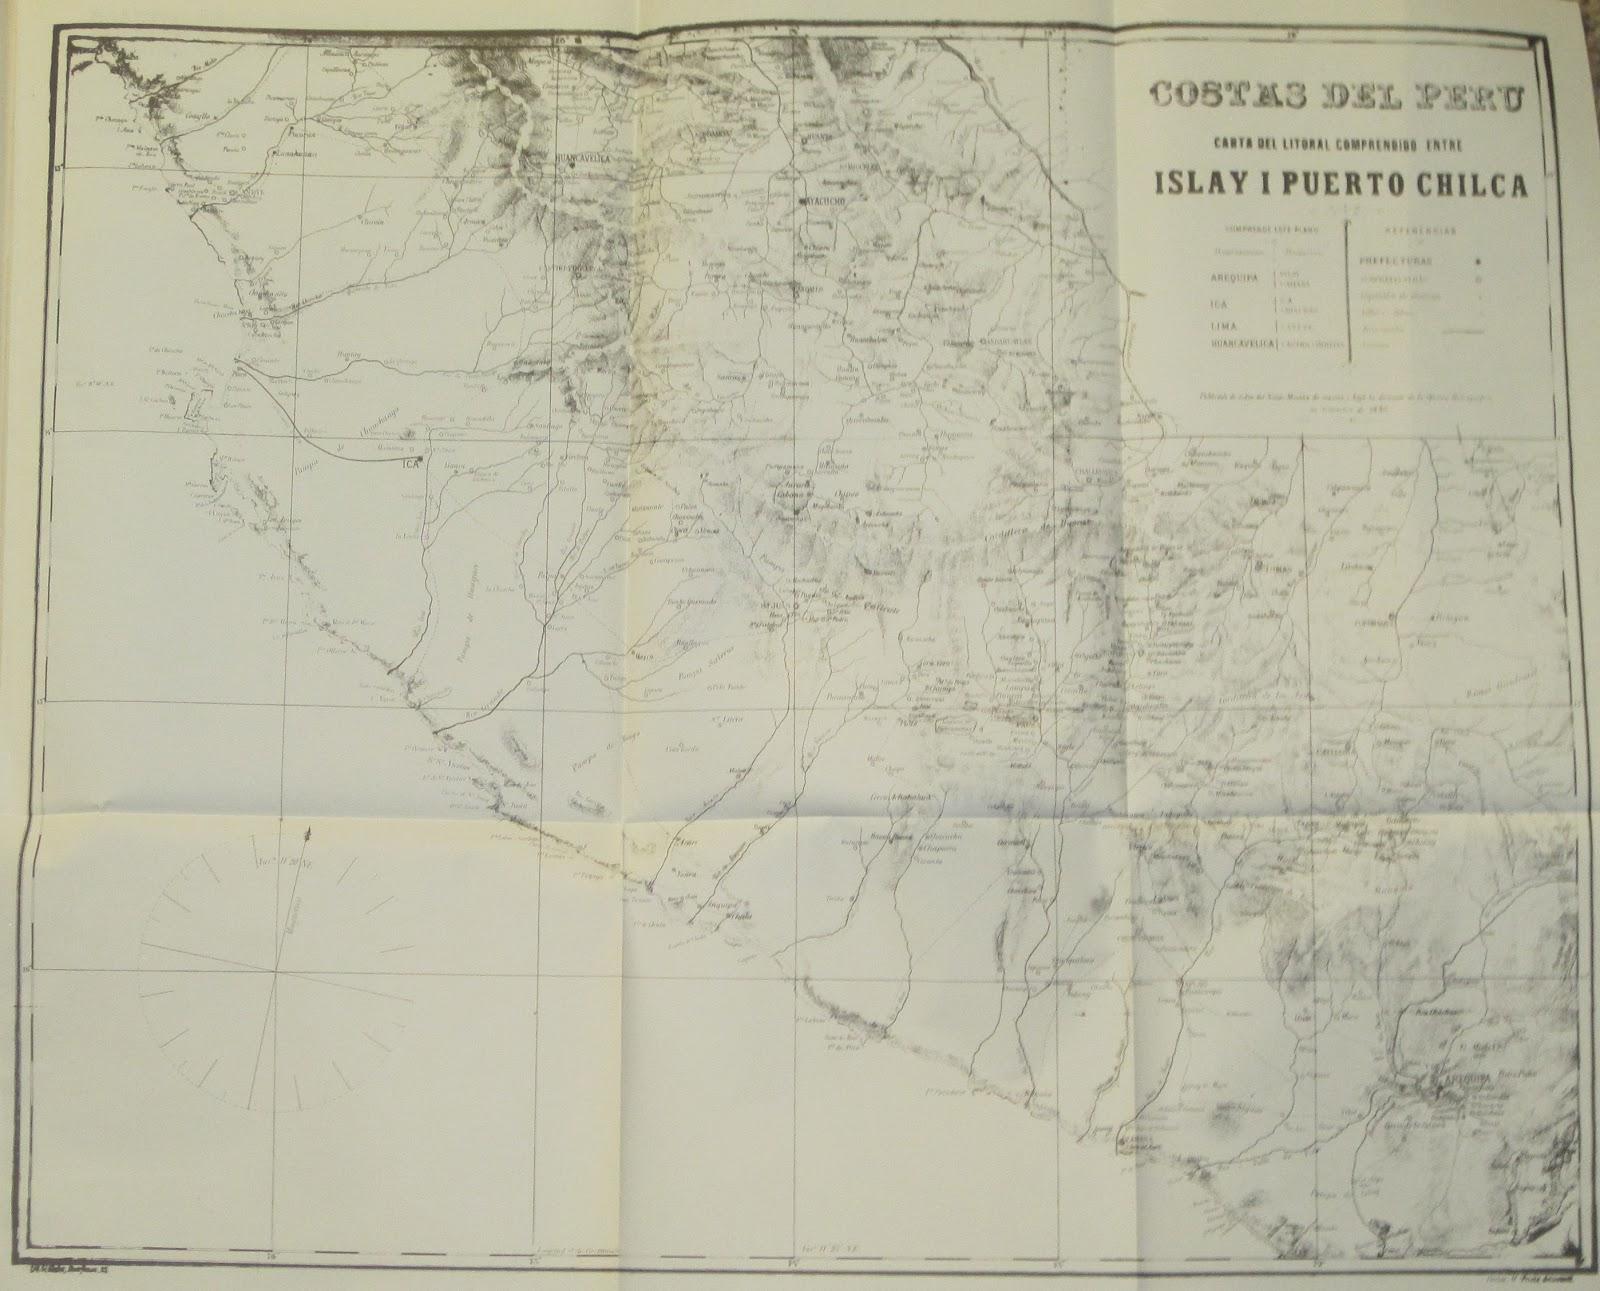 Mapas que us Chile en 1879 para invadir Per y Bolivia